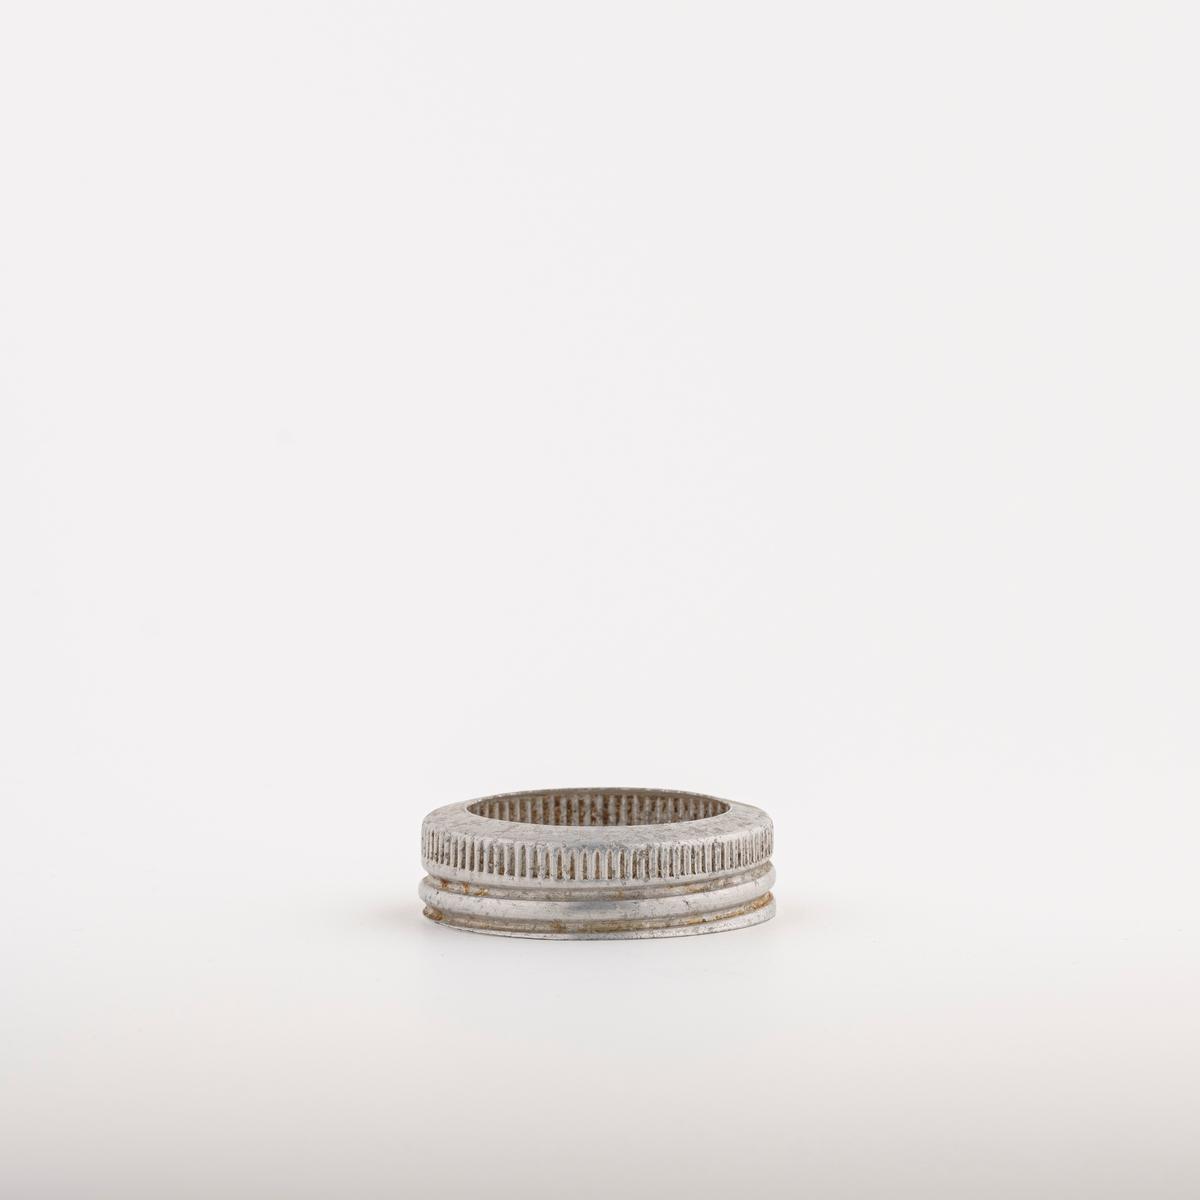 Metallring til Norgesglass. Legges over det løse lokket og skrus fast til bunnen.